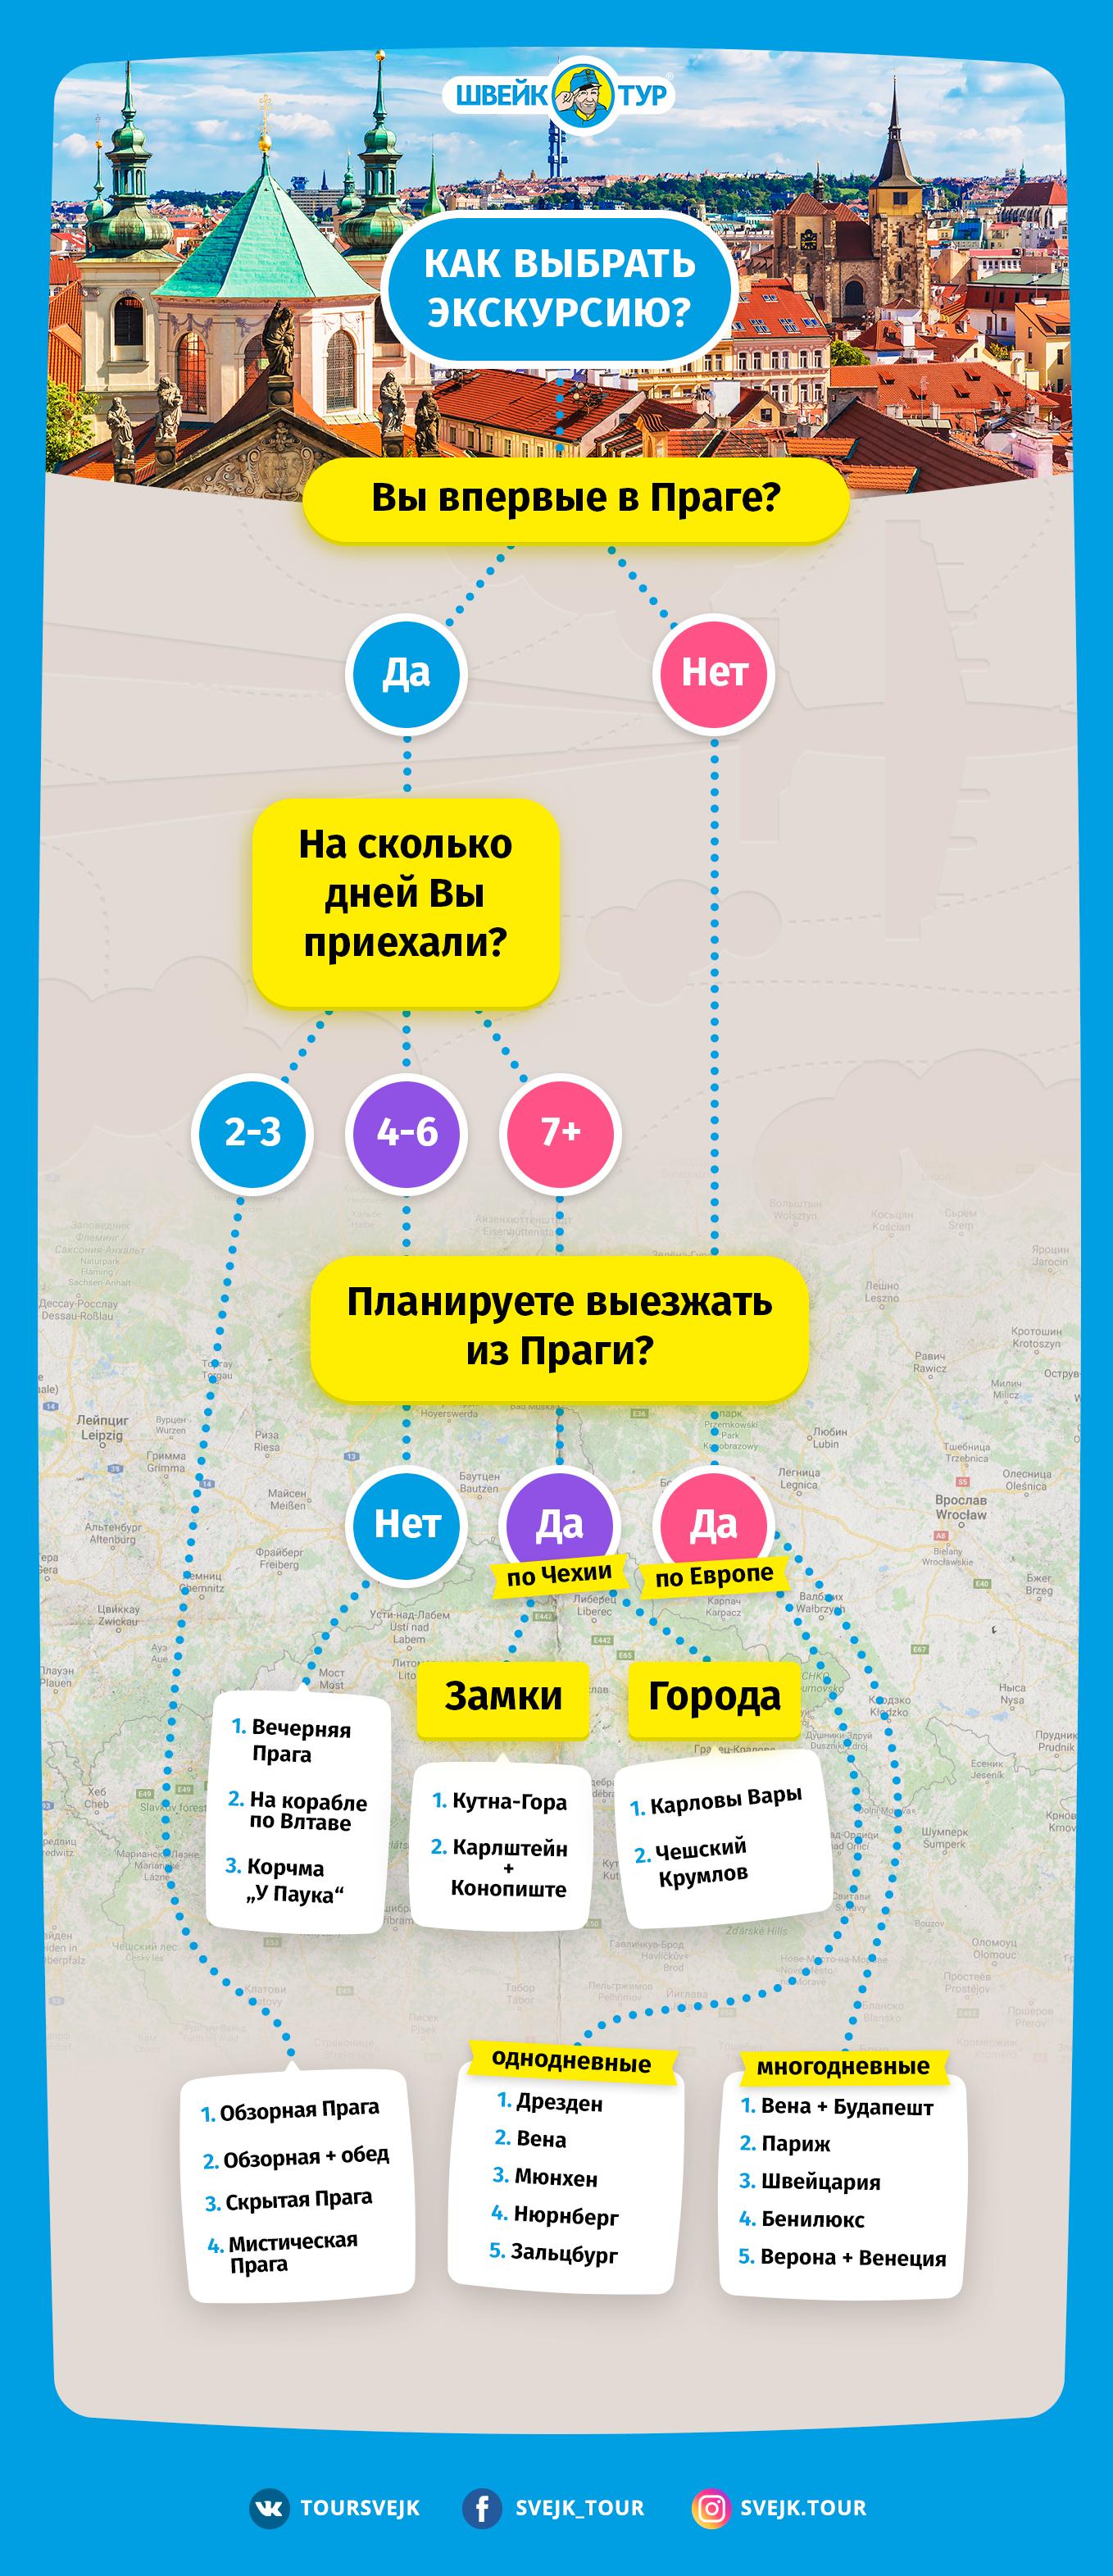 инфографика Швейк Тур